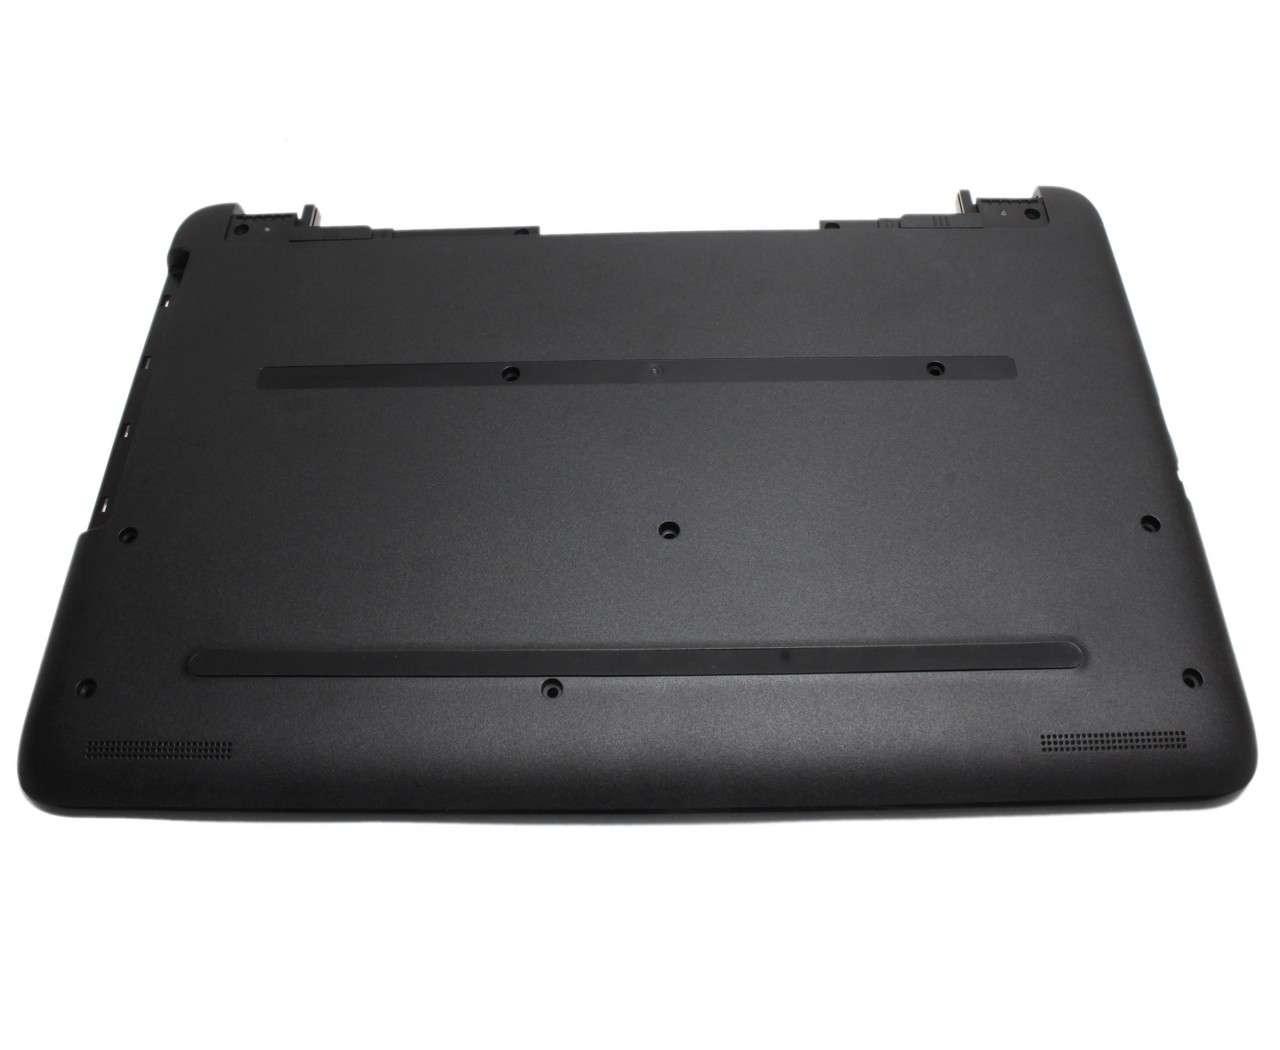 Bottom Case HP FA1EM000B10 Carcasa Inferioara Neagra imagine powerlaptop.ro 2021